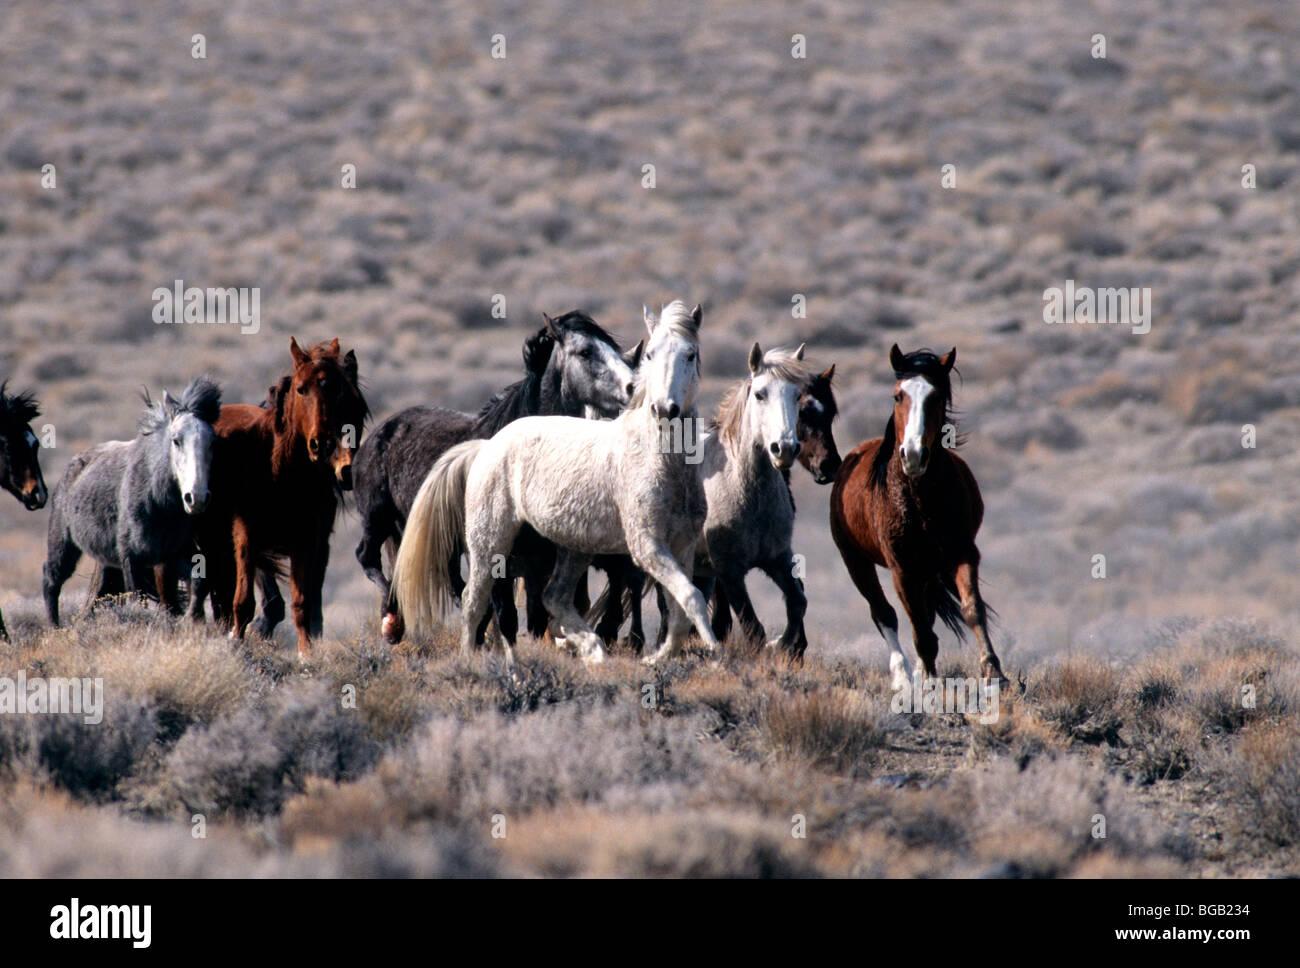 Herd Of Wild Horses Running High Desert Nevada Stock Photo Alamy